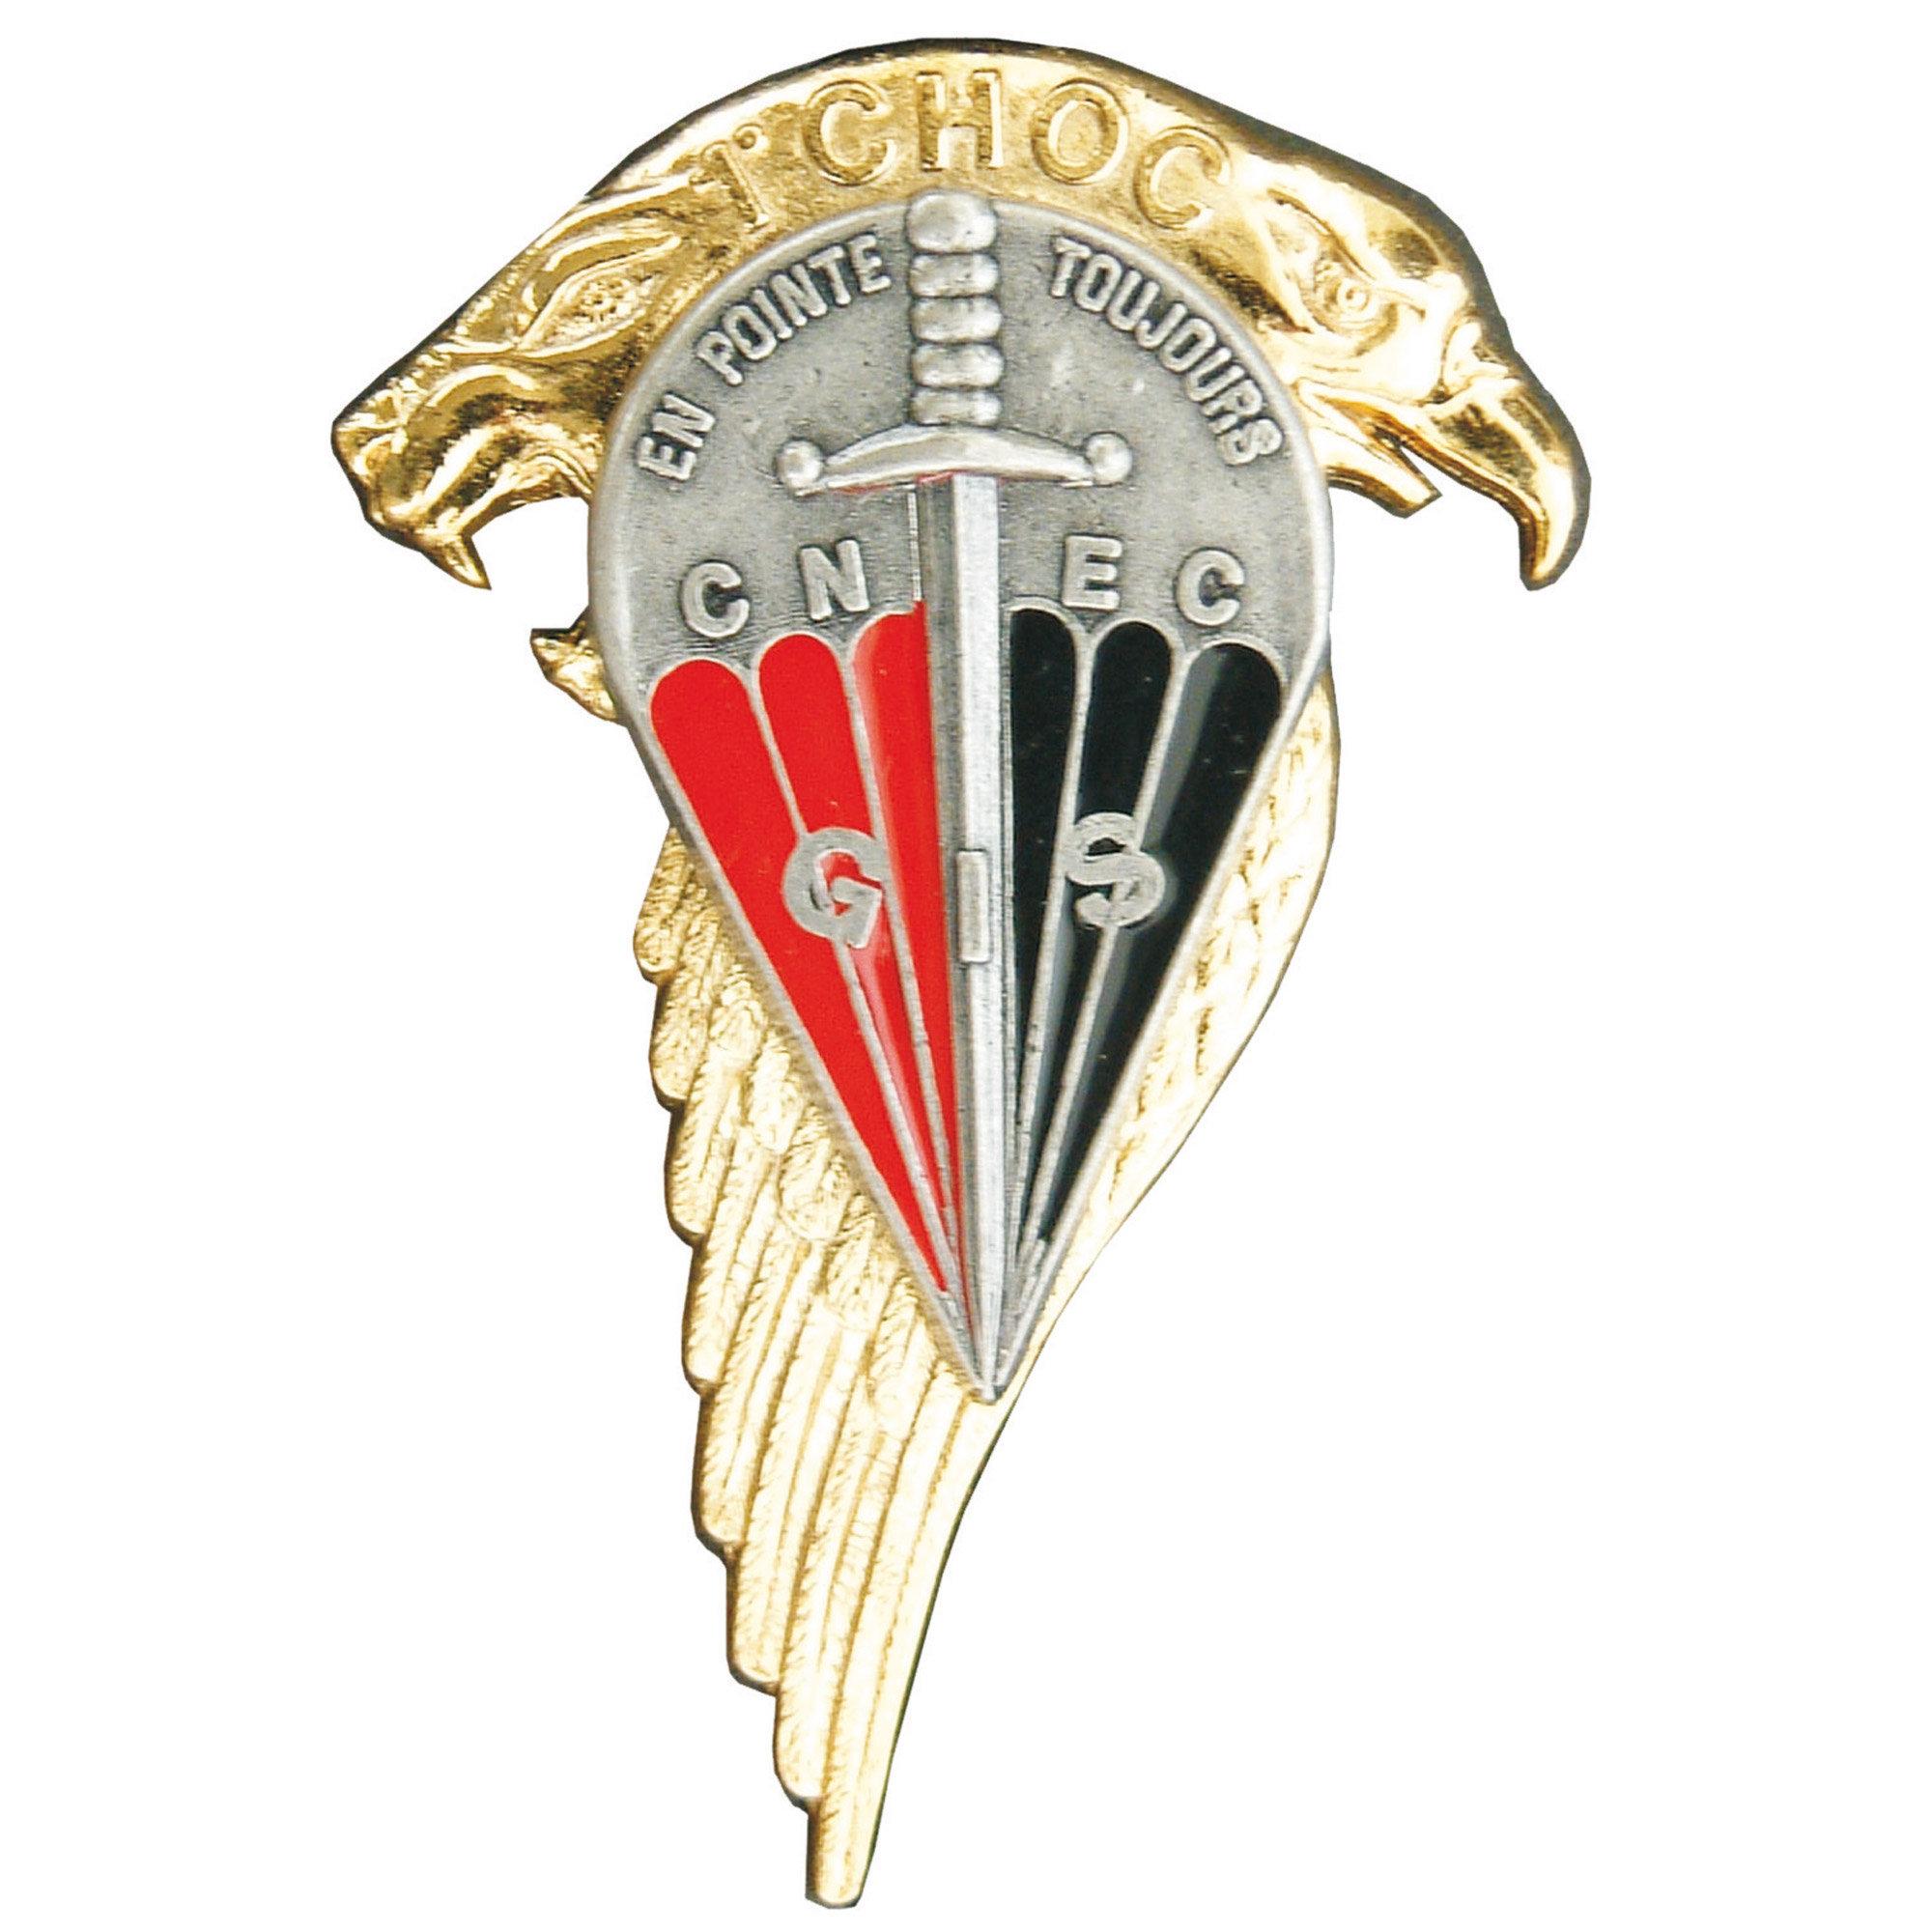 French metall insignia CNEC GIS 1er Choc